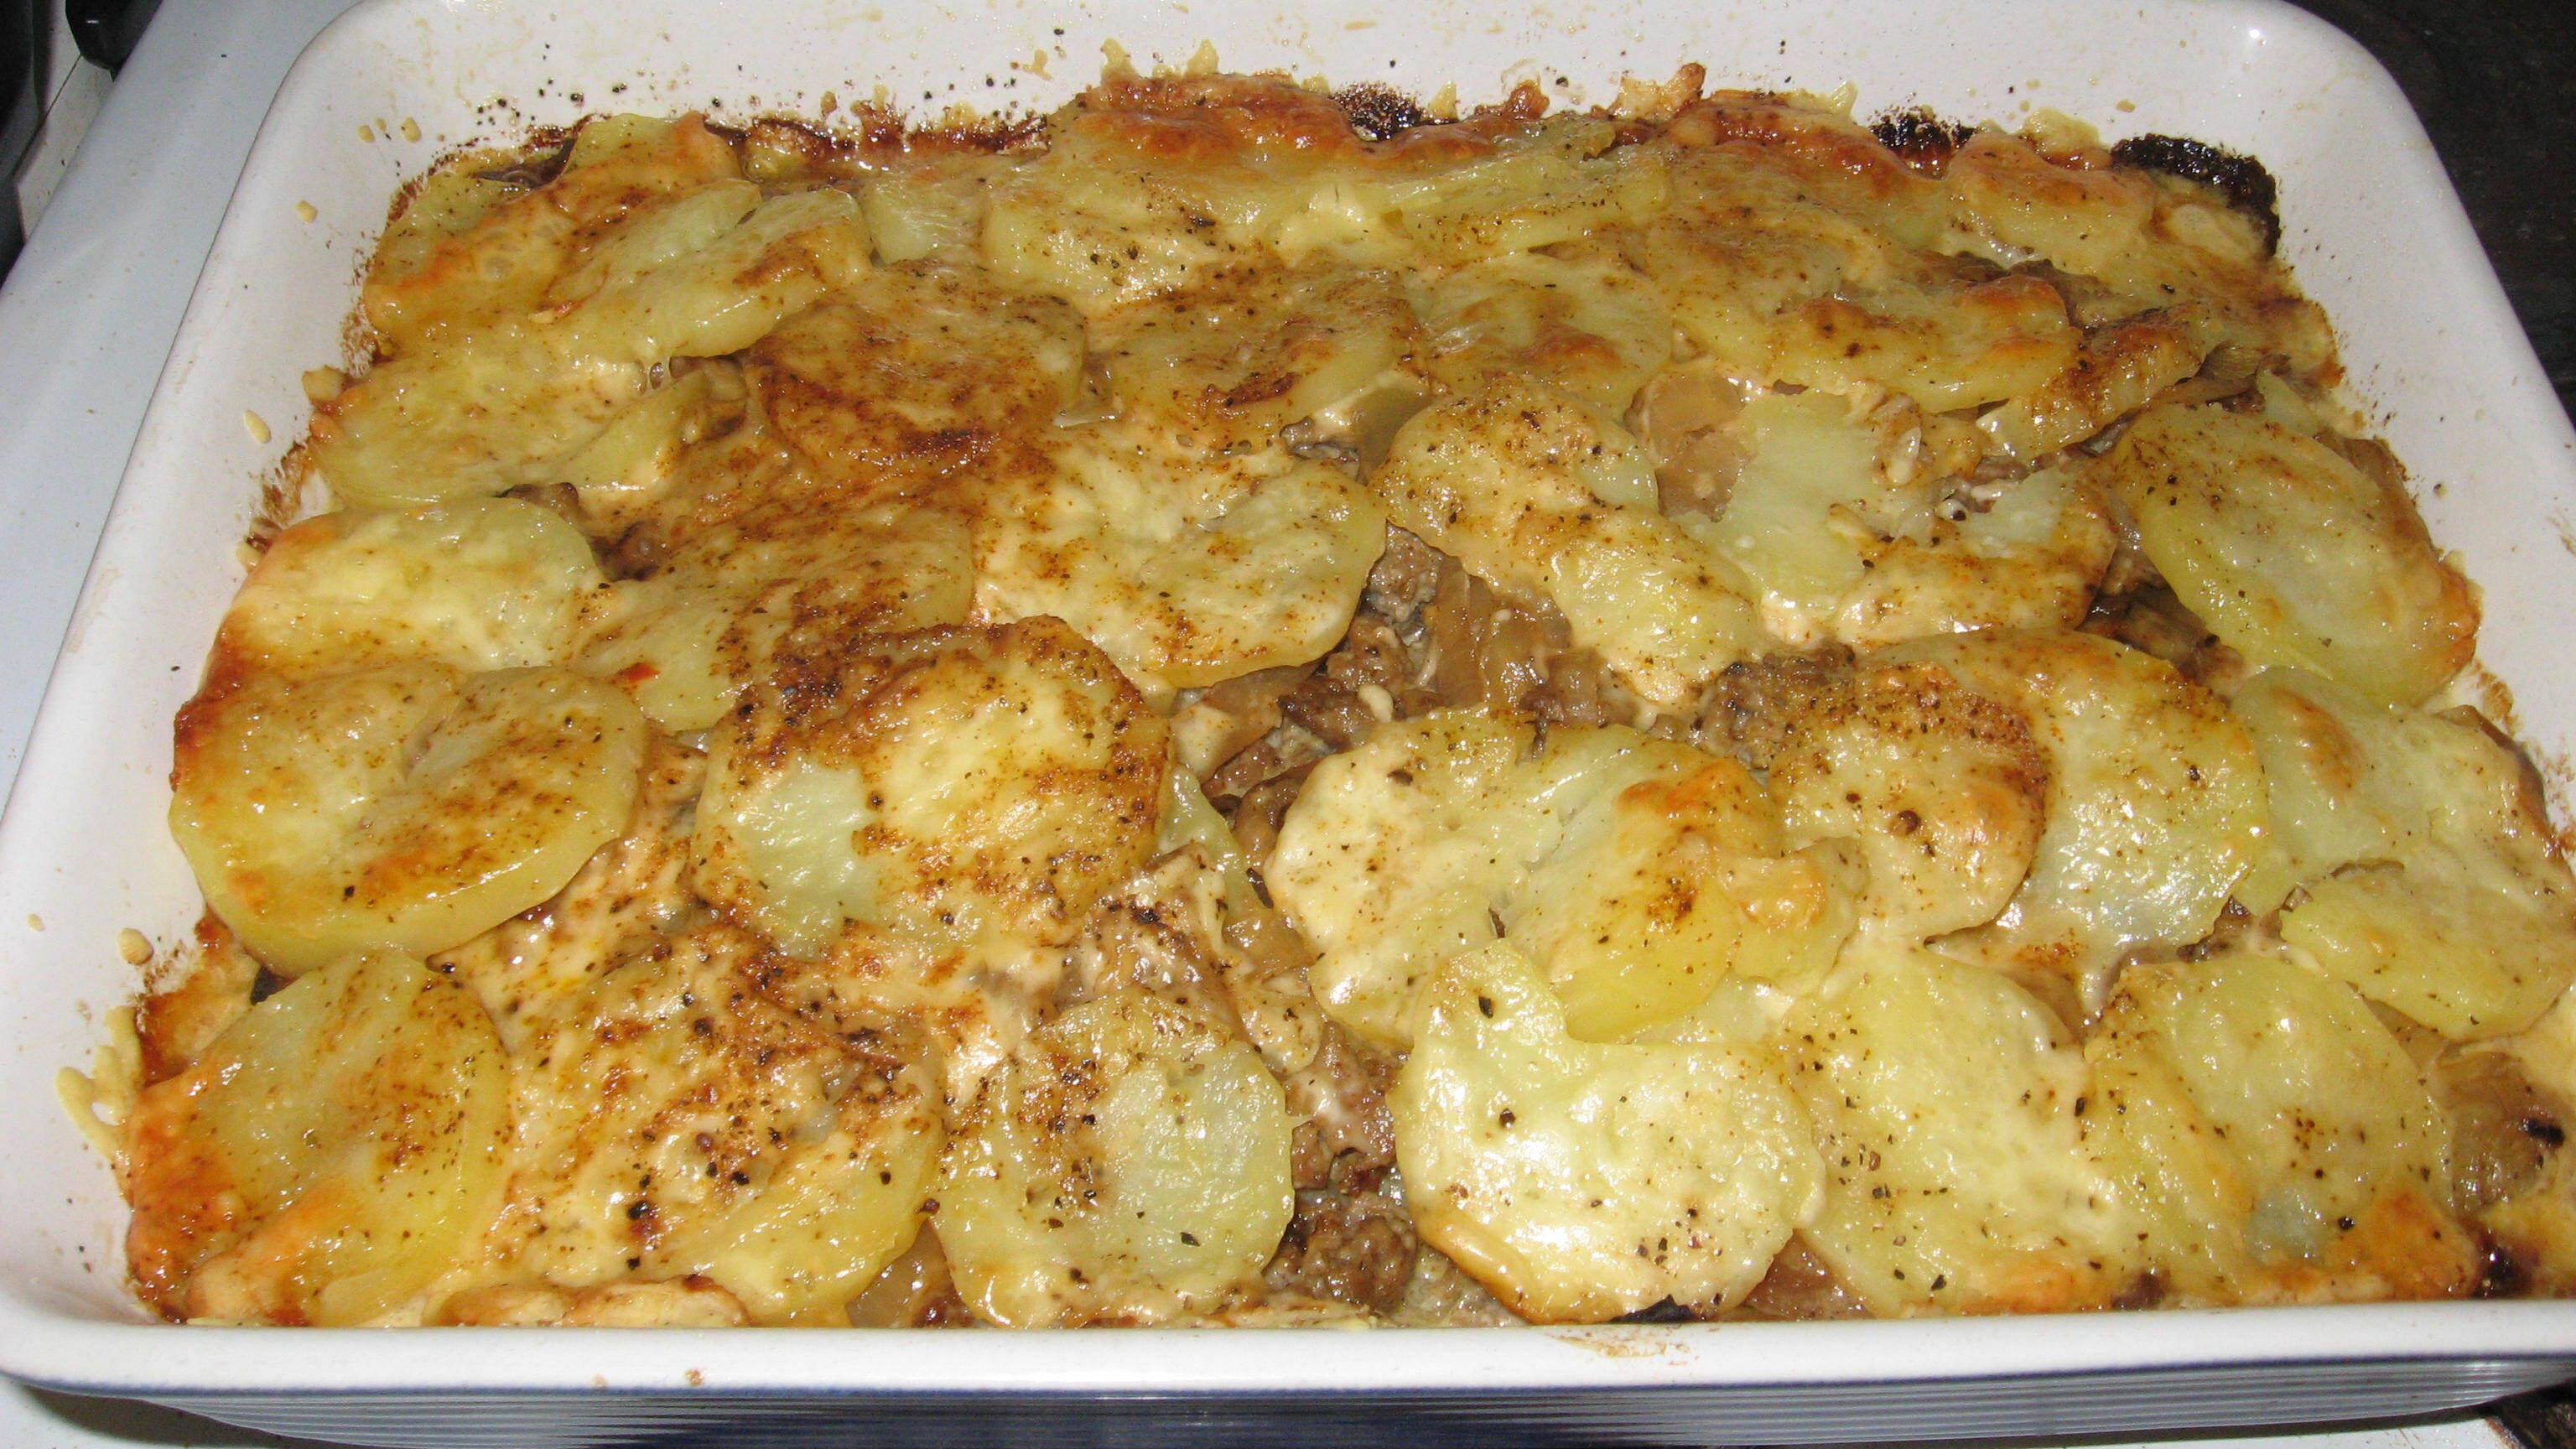 Potatis- och köttfärsgratäng à la Queenie